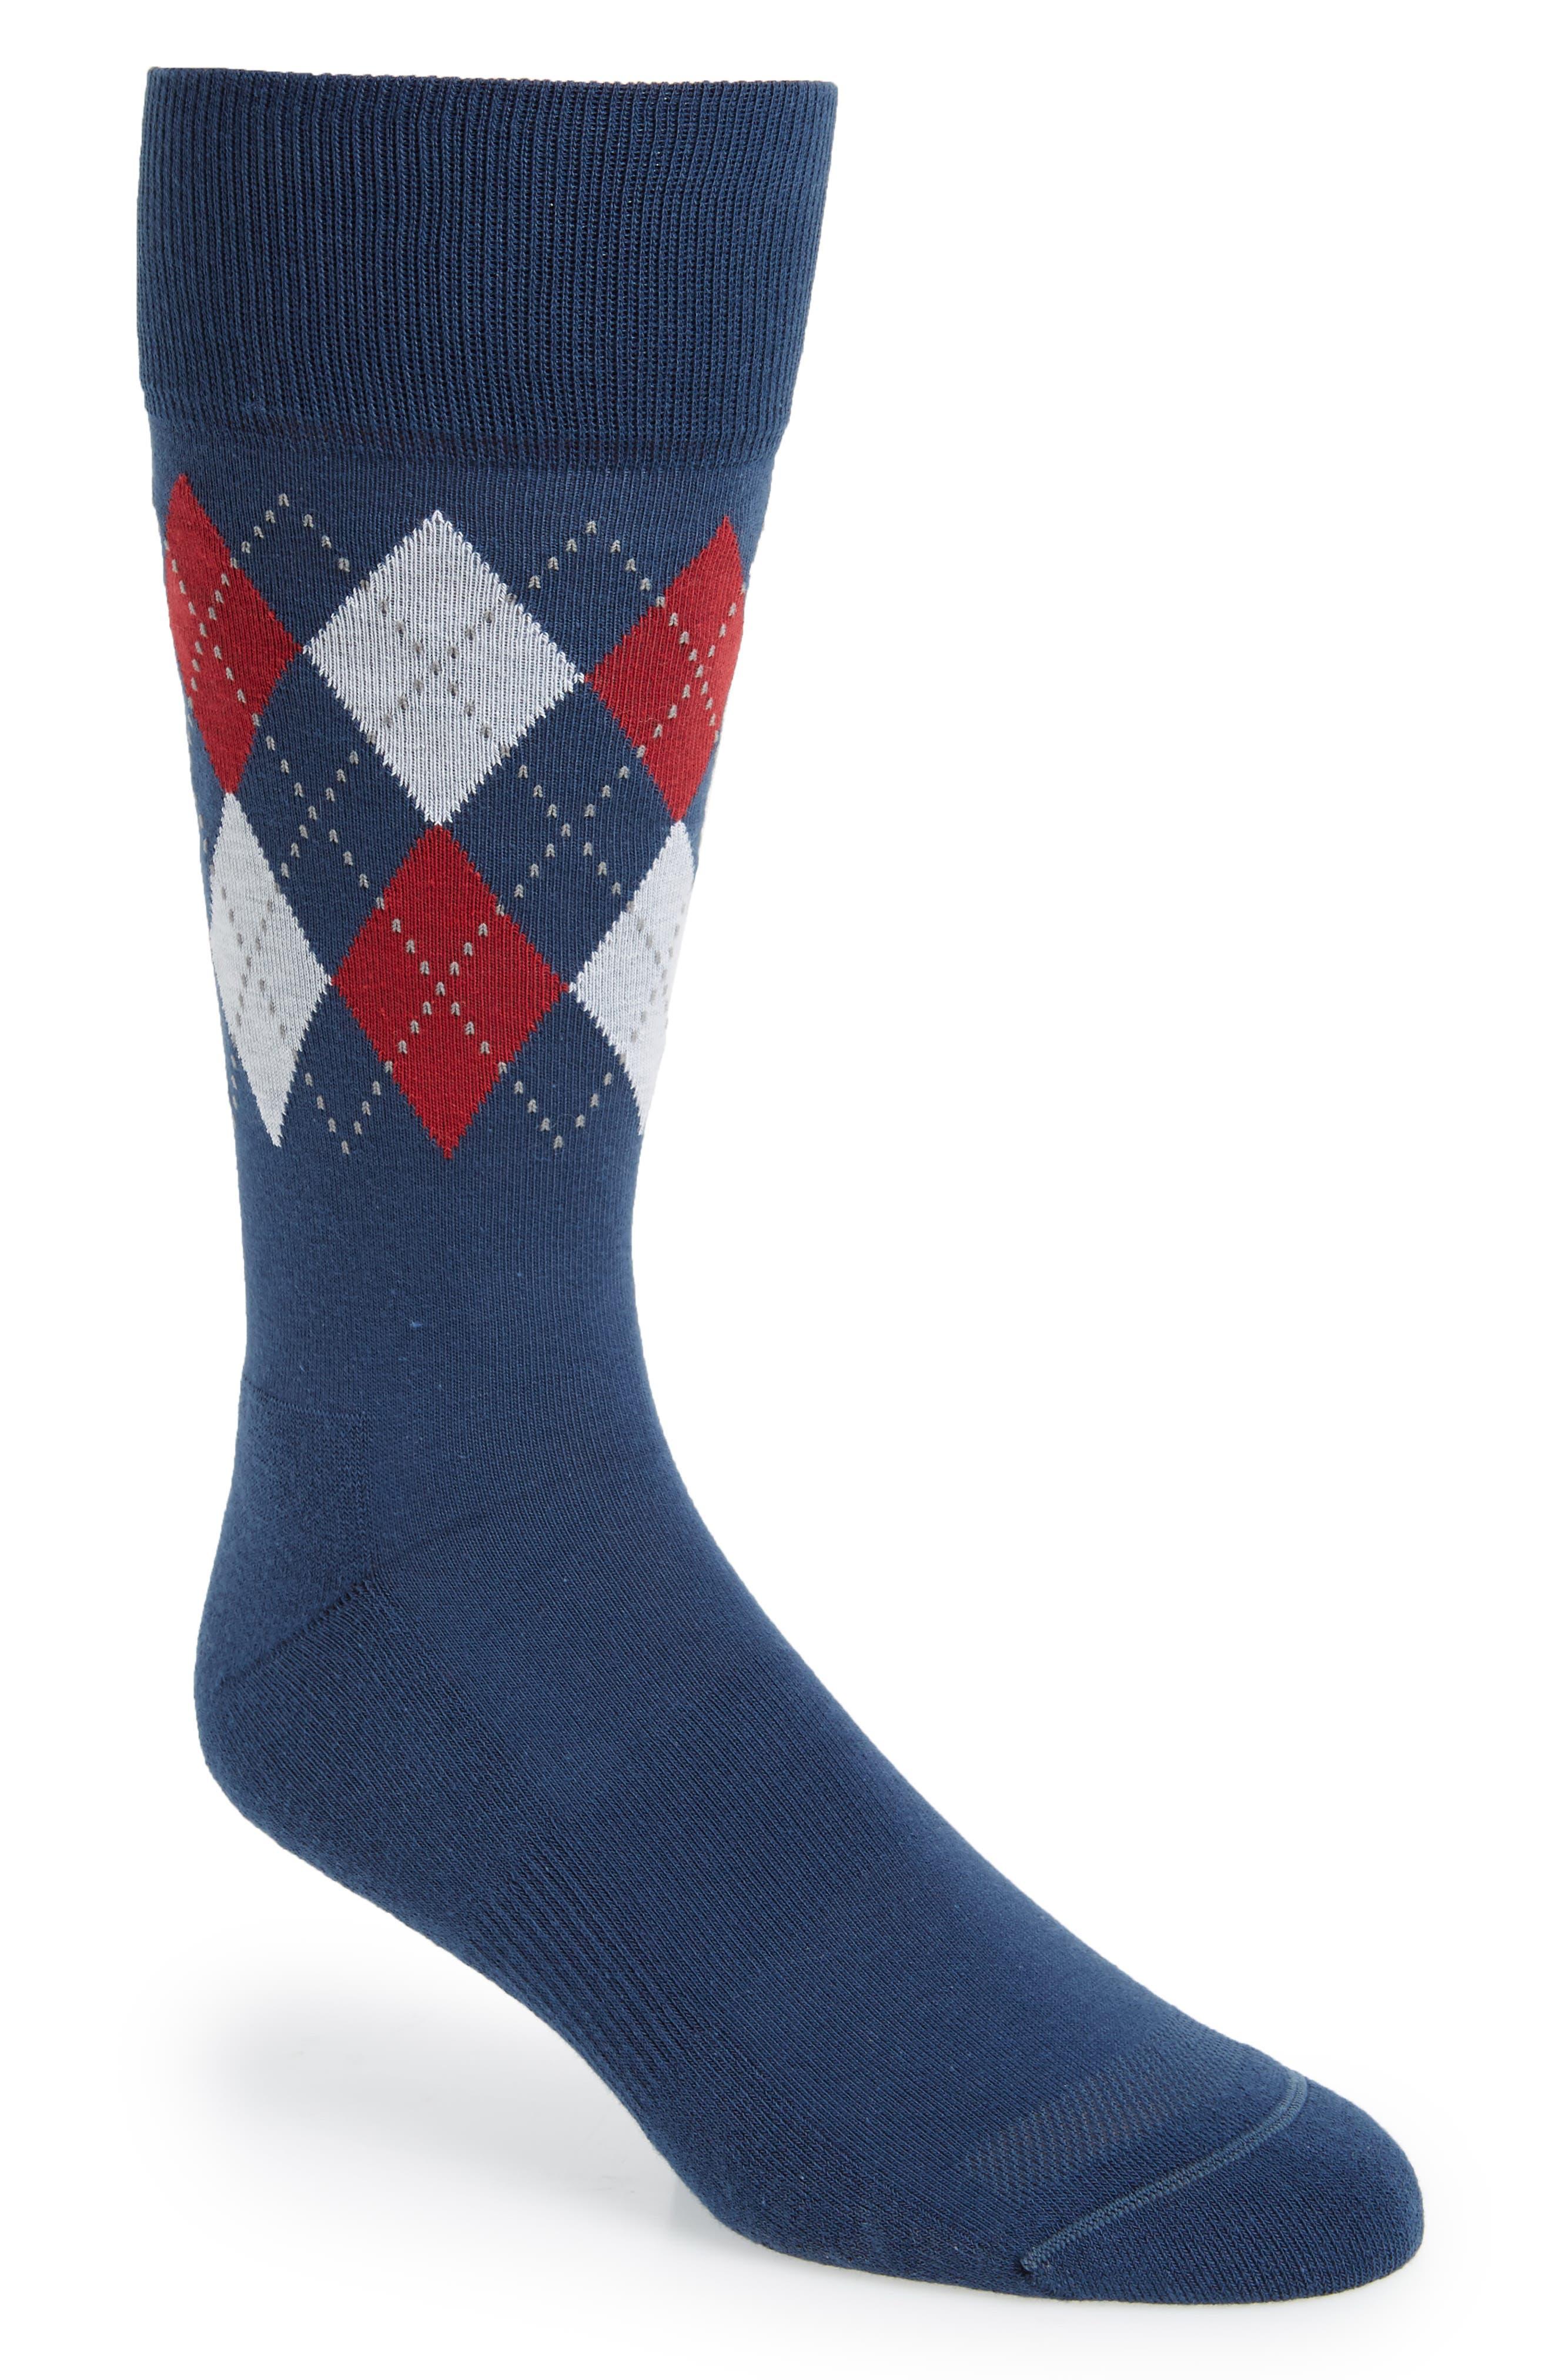 Nordstrom Men's Shop Argyle Band Socks